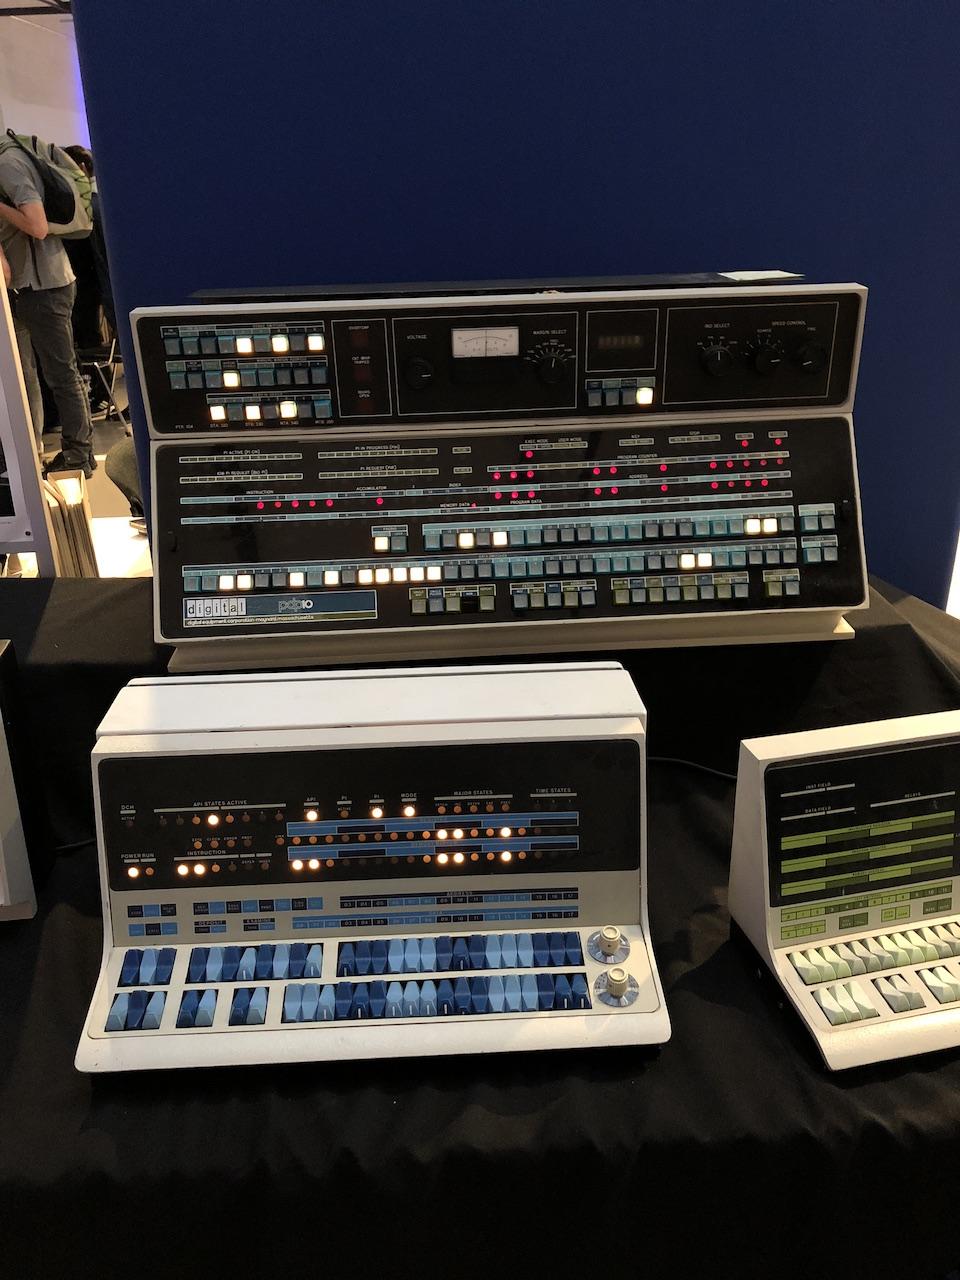 Ein PDP-10 von DEC. (Bild: Stefan Vogt)